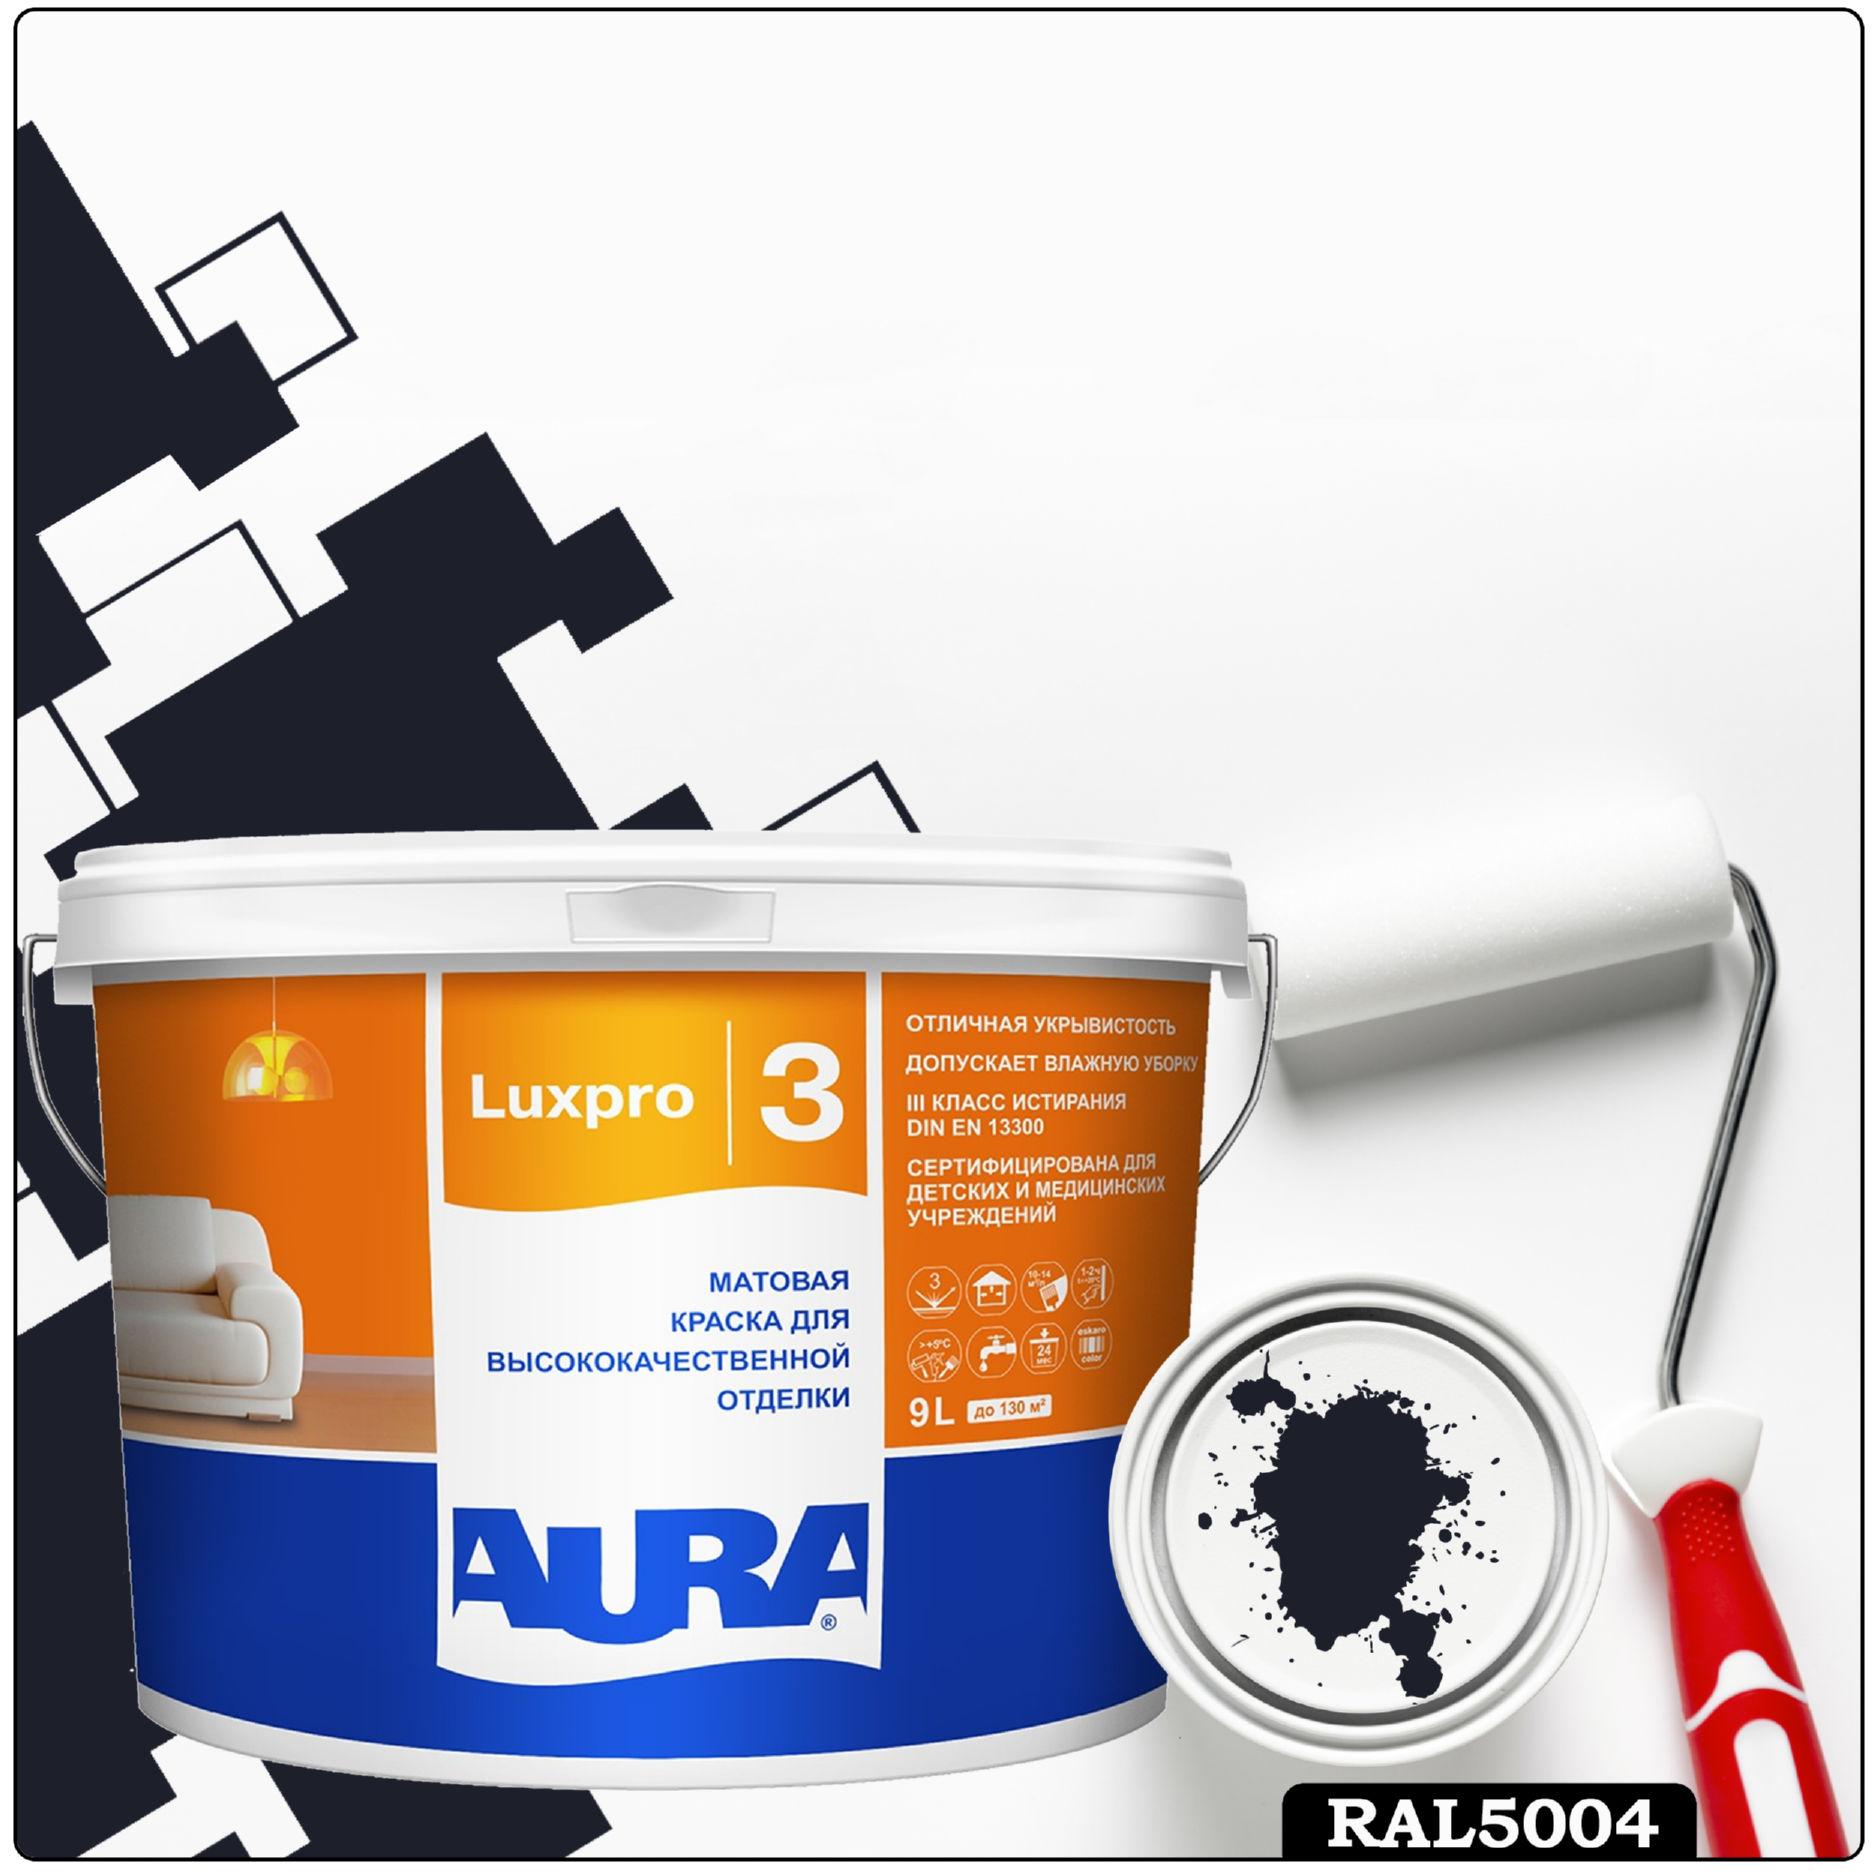 Фото 5 - Краска Aura LuxPRO 3, RAL 5004 Чёрно-синий, латексная, шелково-матовая, интерьерная, 9л, Аура.